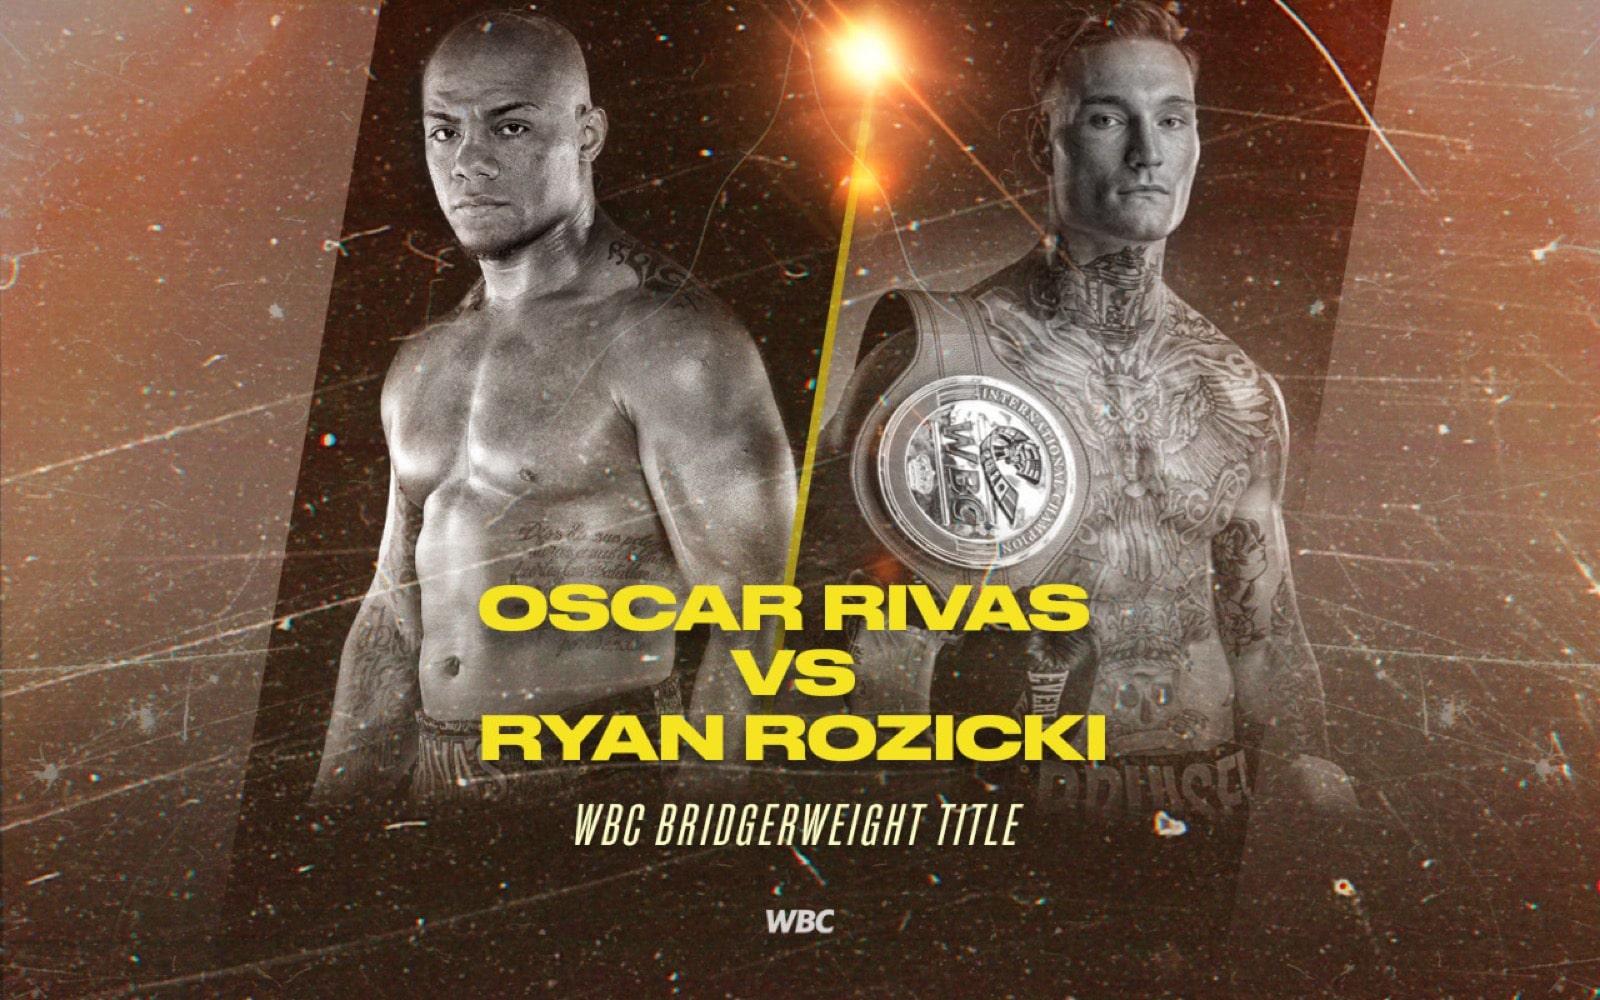 Ryan Rozicki - Ryan Rozicki